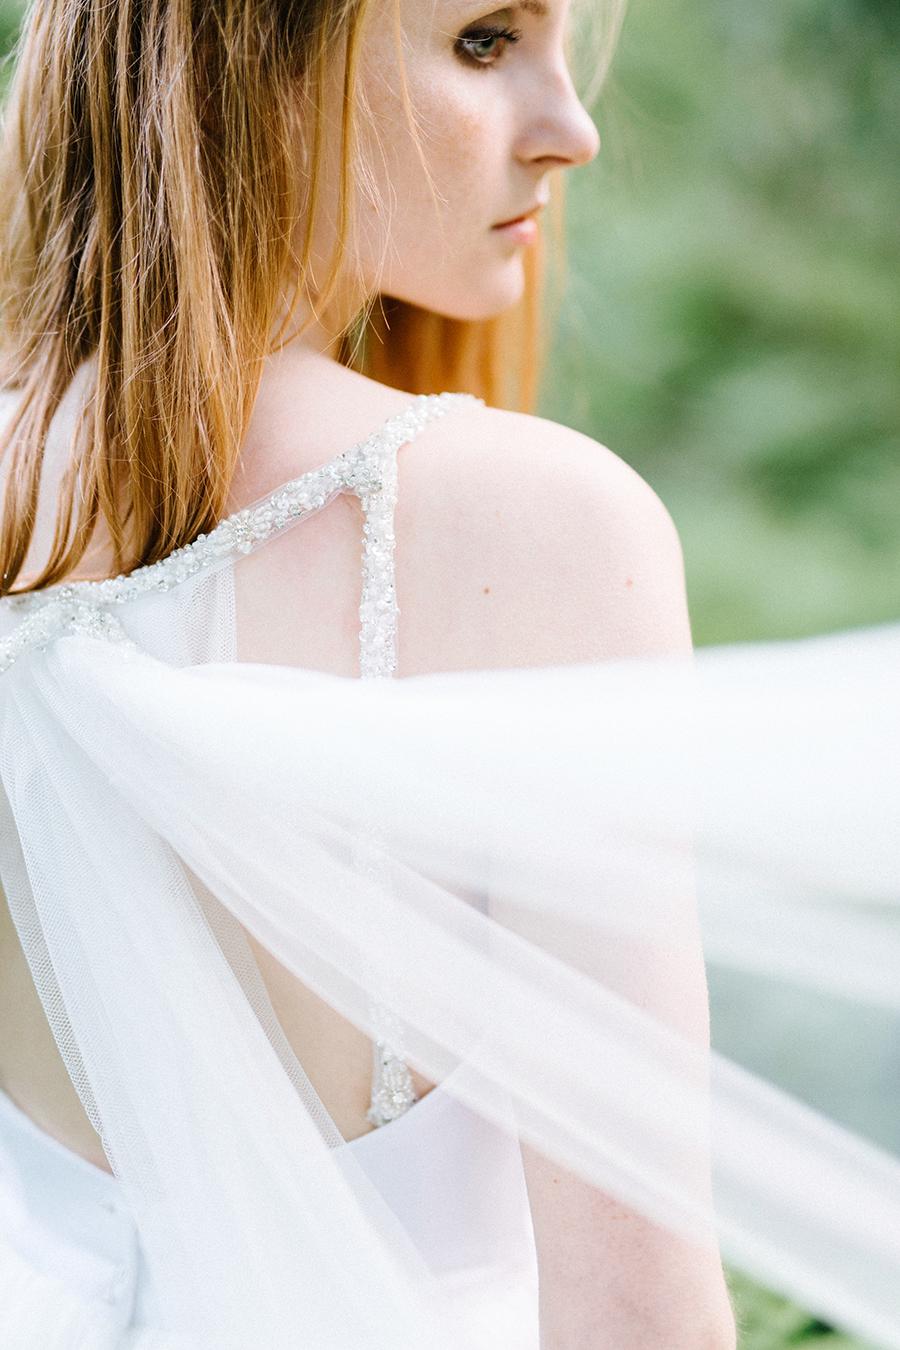 Woodsy Bridal Boudoir Morsian Huomenlahjakuvaus (9).jpg